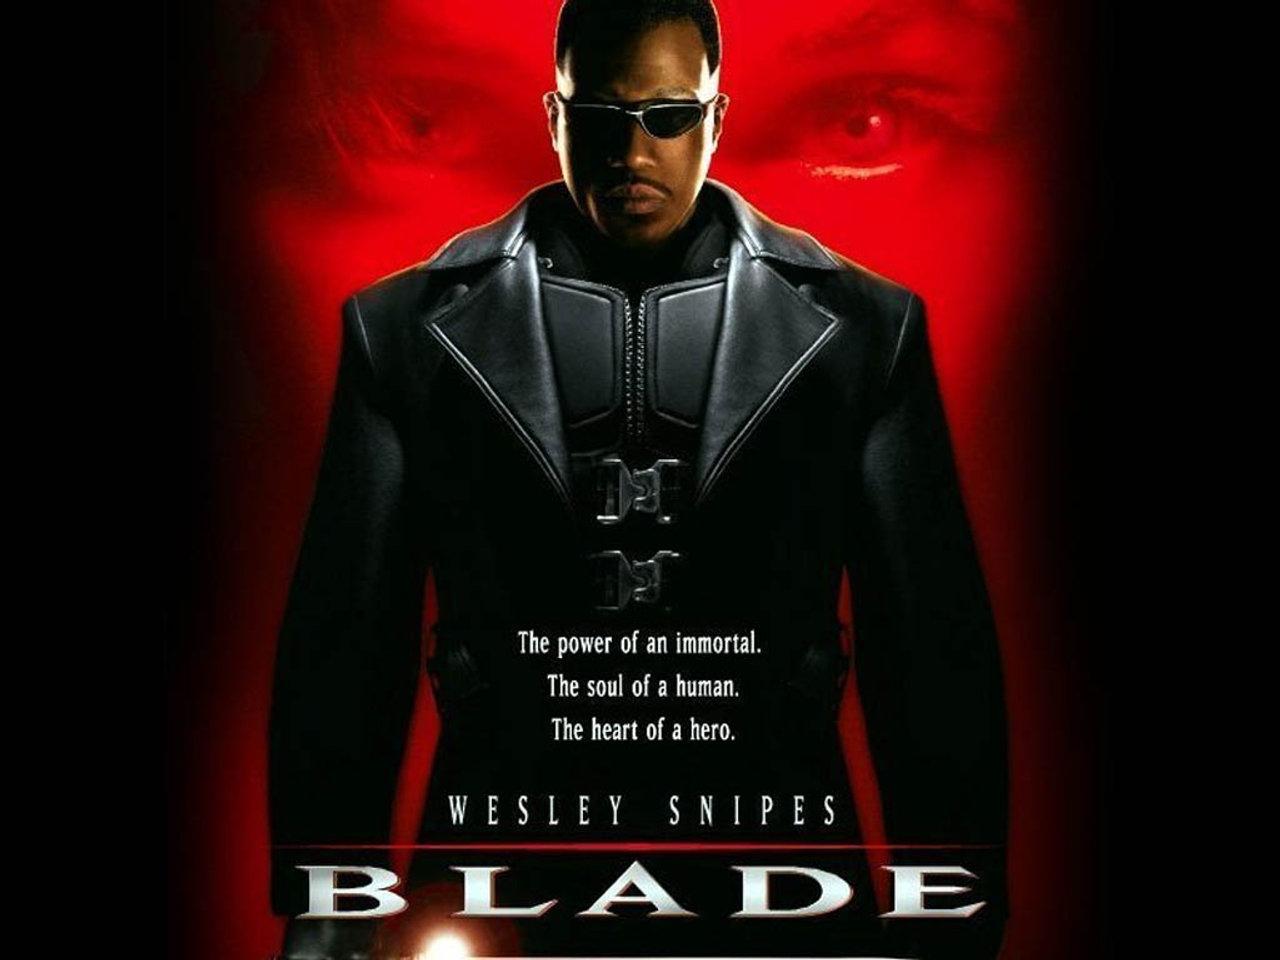 Blade Fondos de pelculas 1280x960